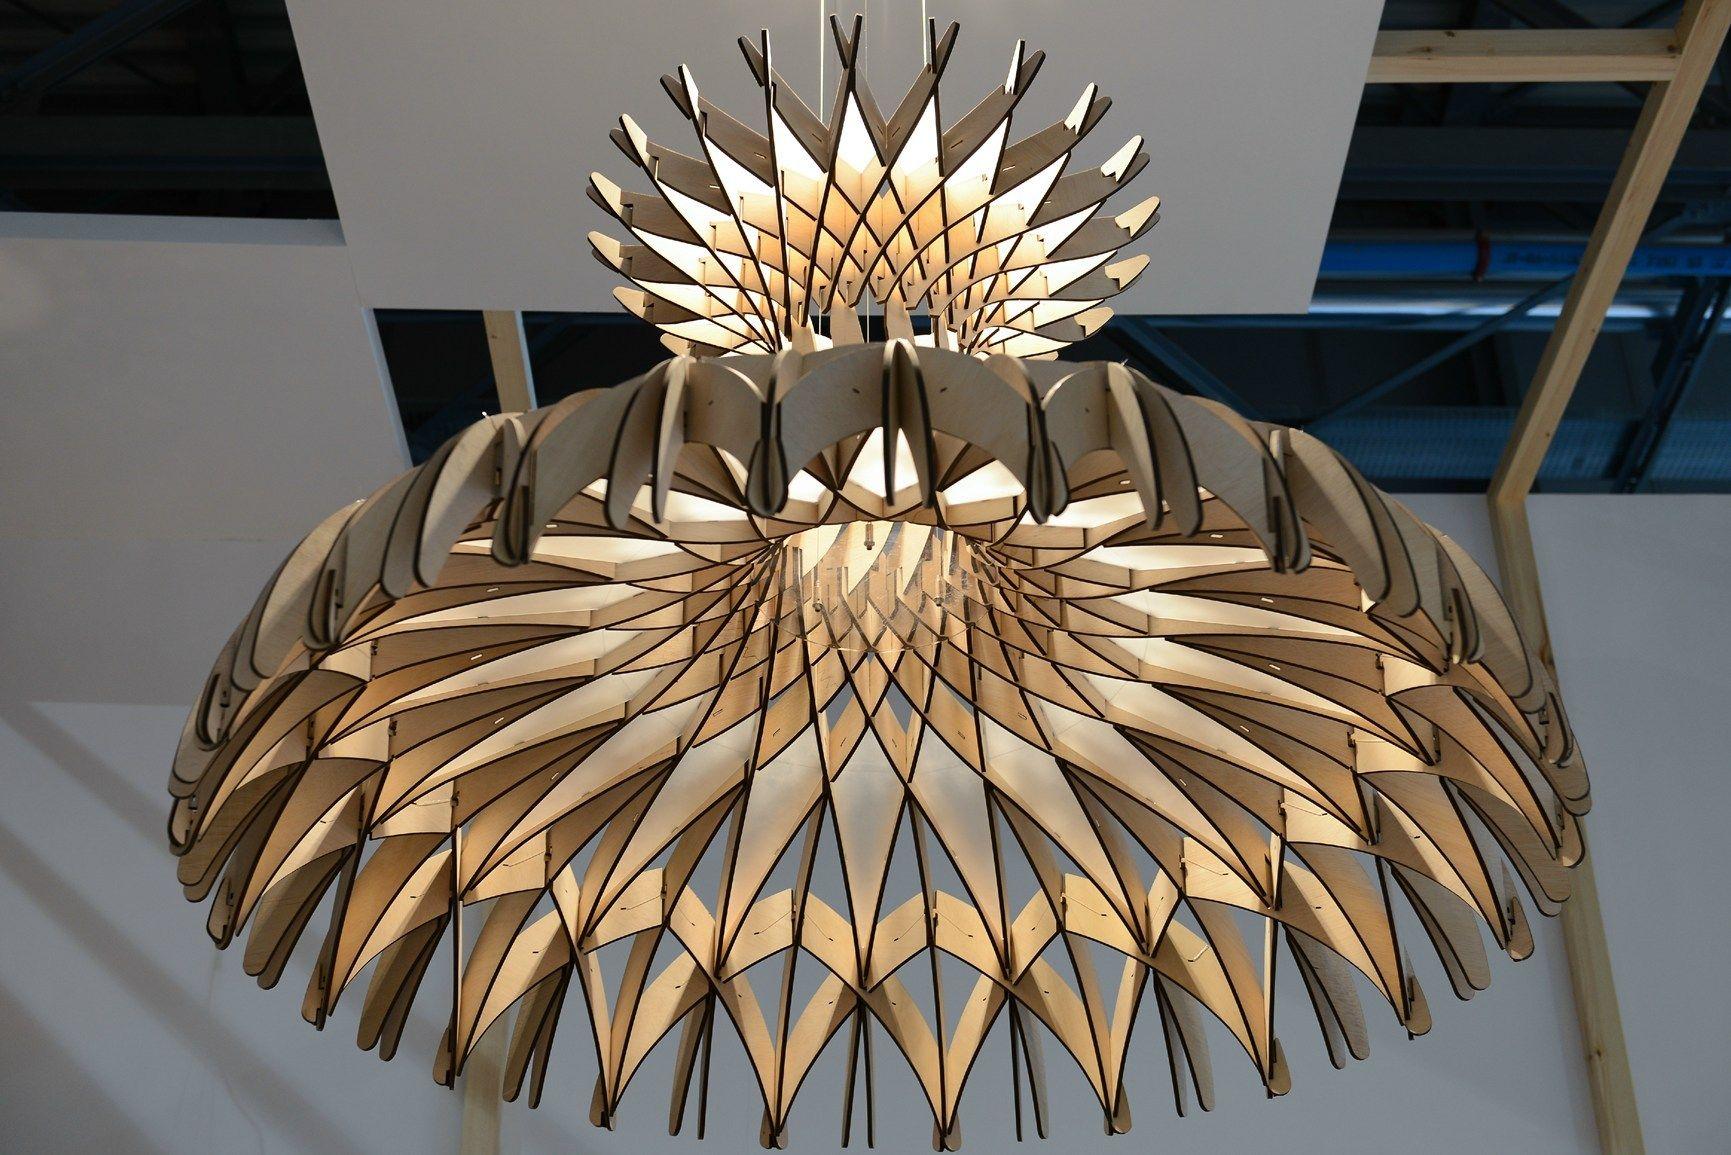 La scultura luminosa di Benedetta Tagliabue